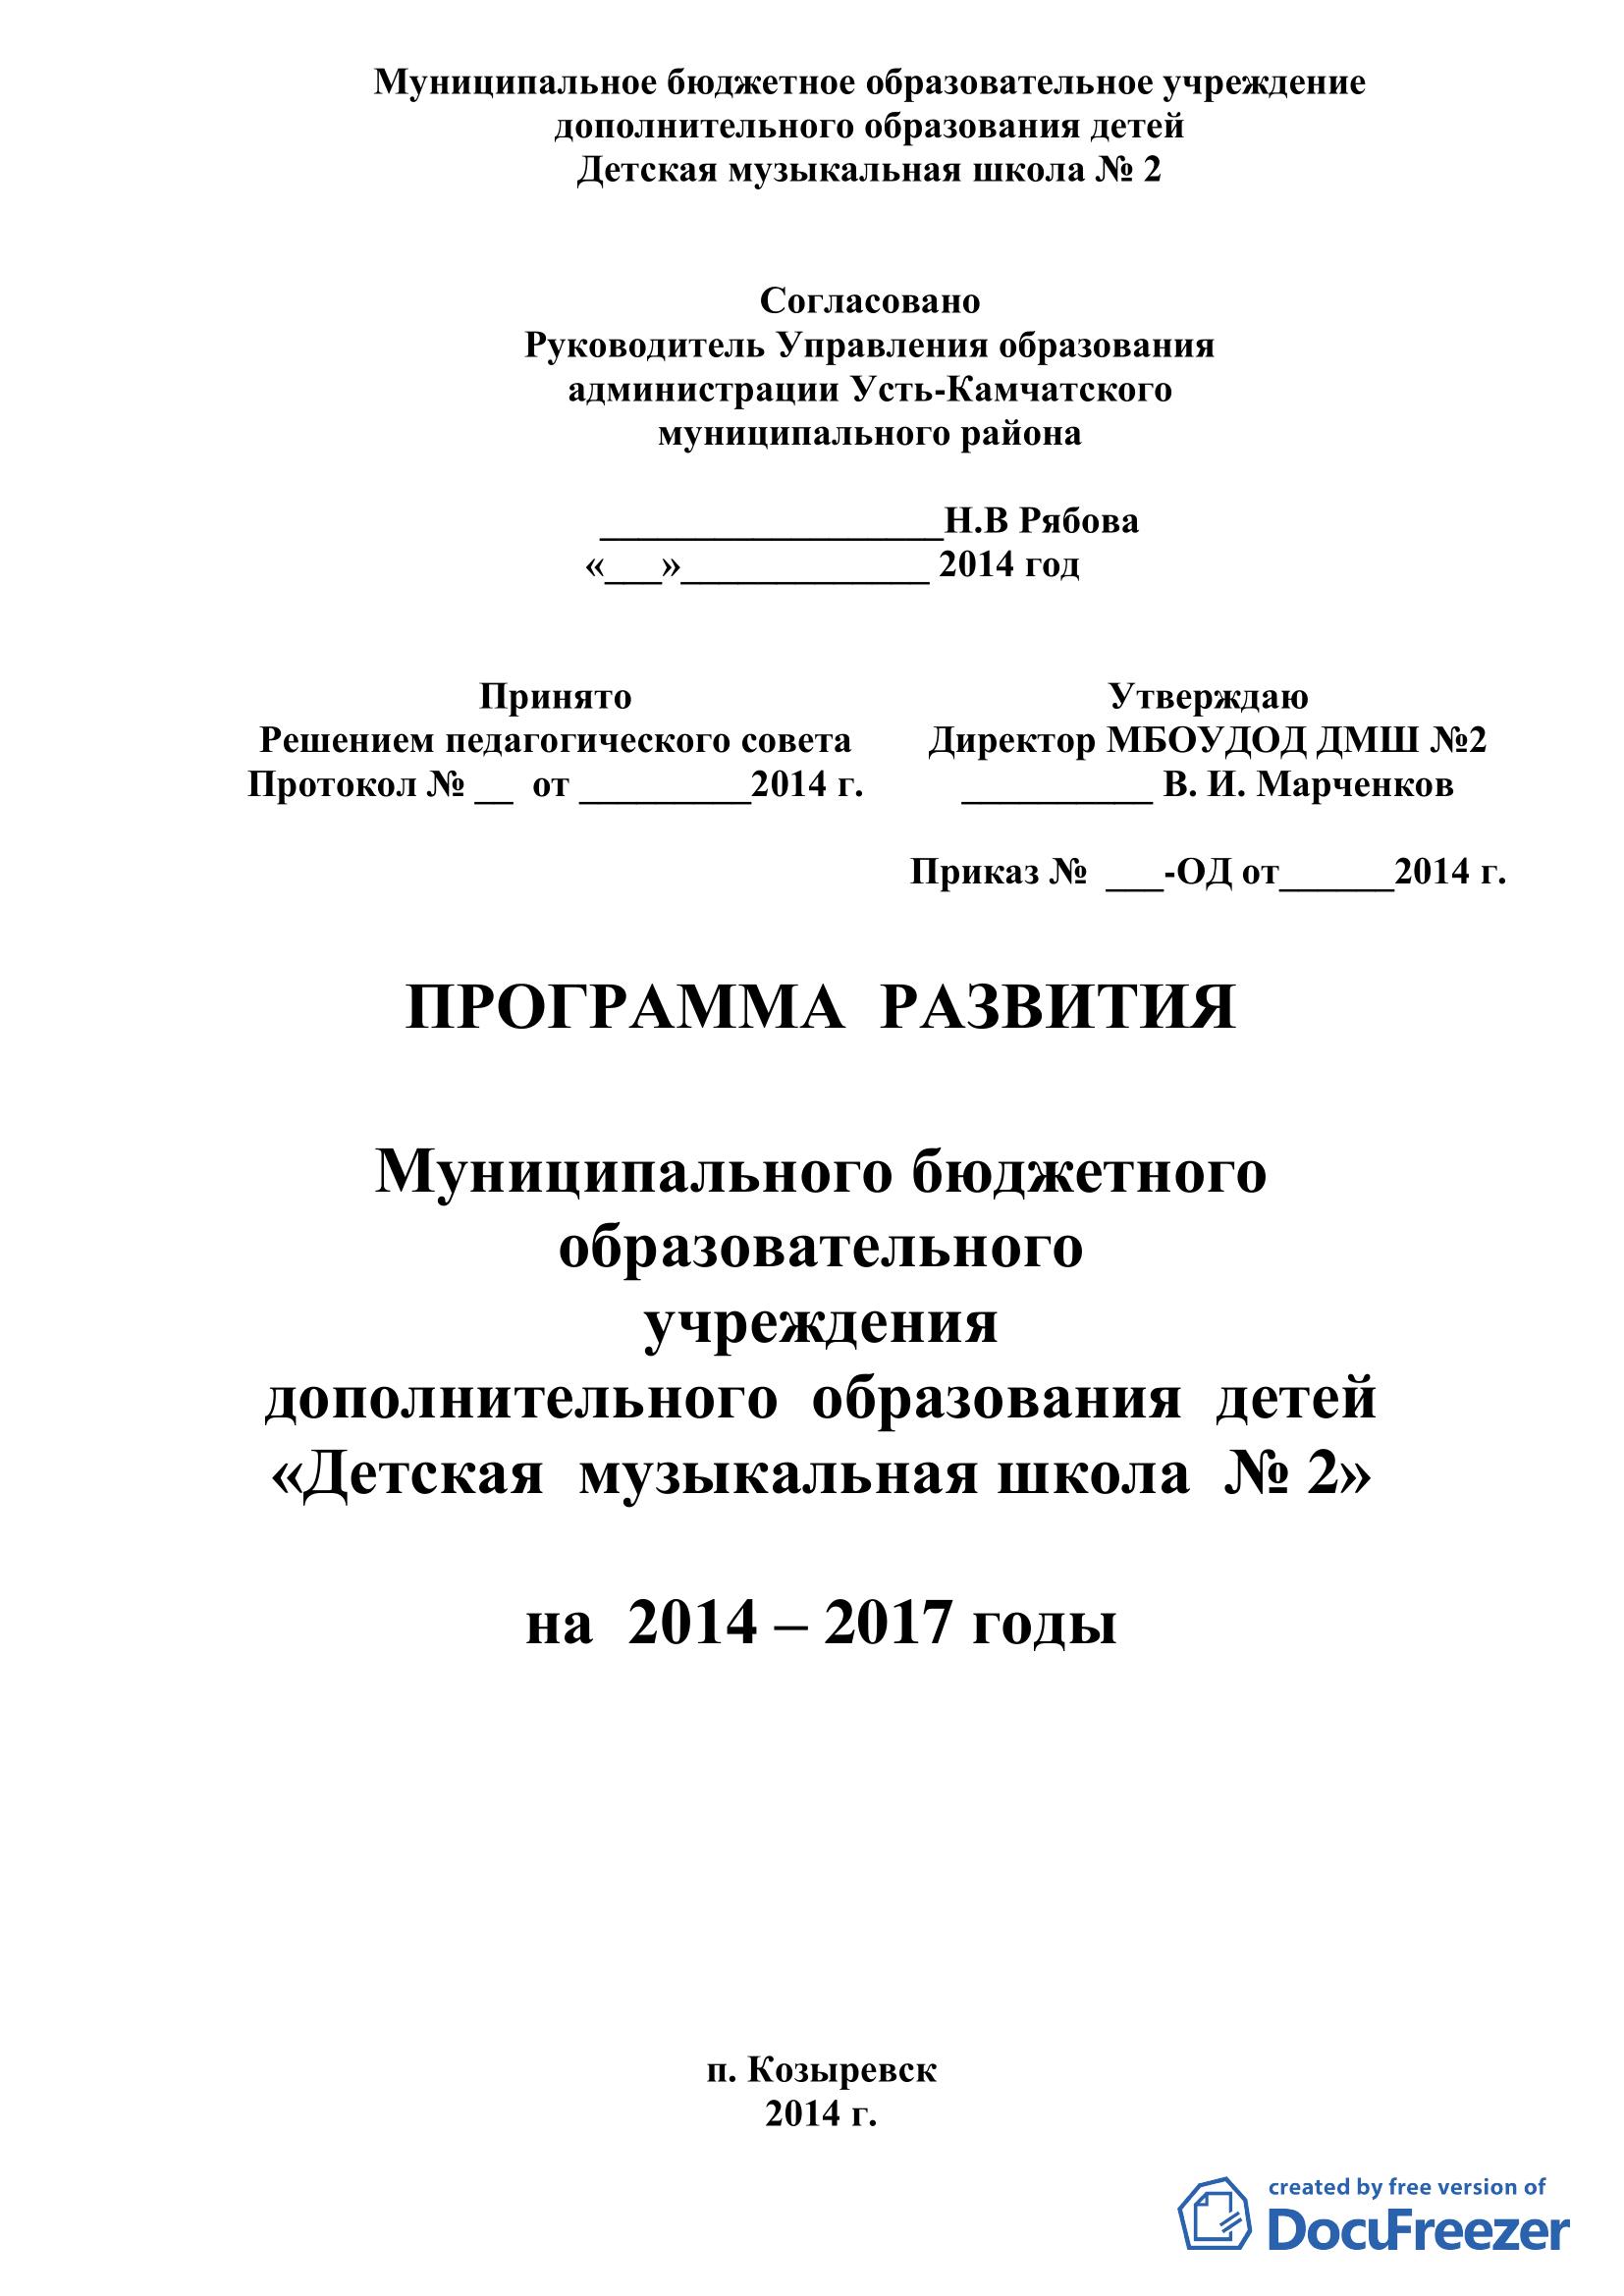 Программа развития ДМШ №2 на 2014- 2017 годы_1